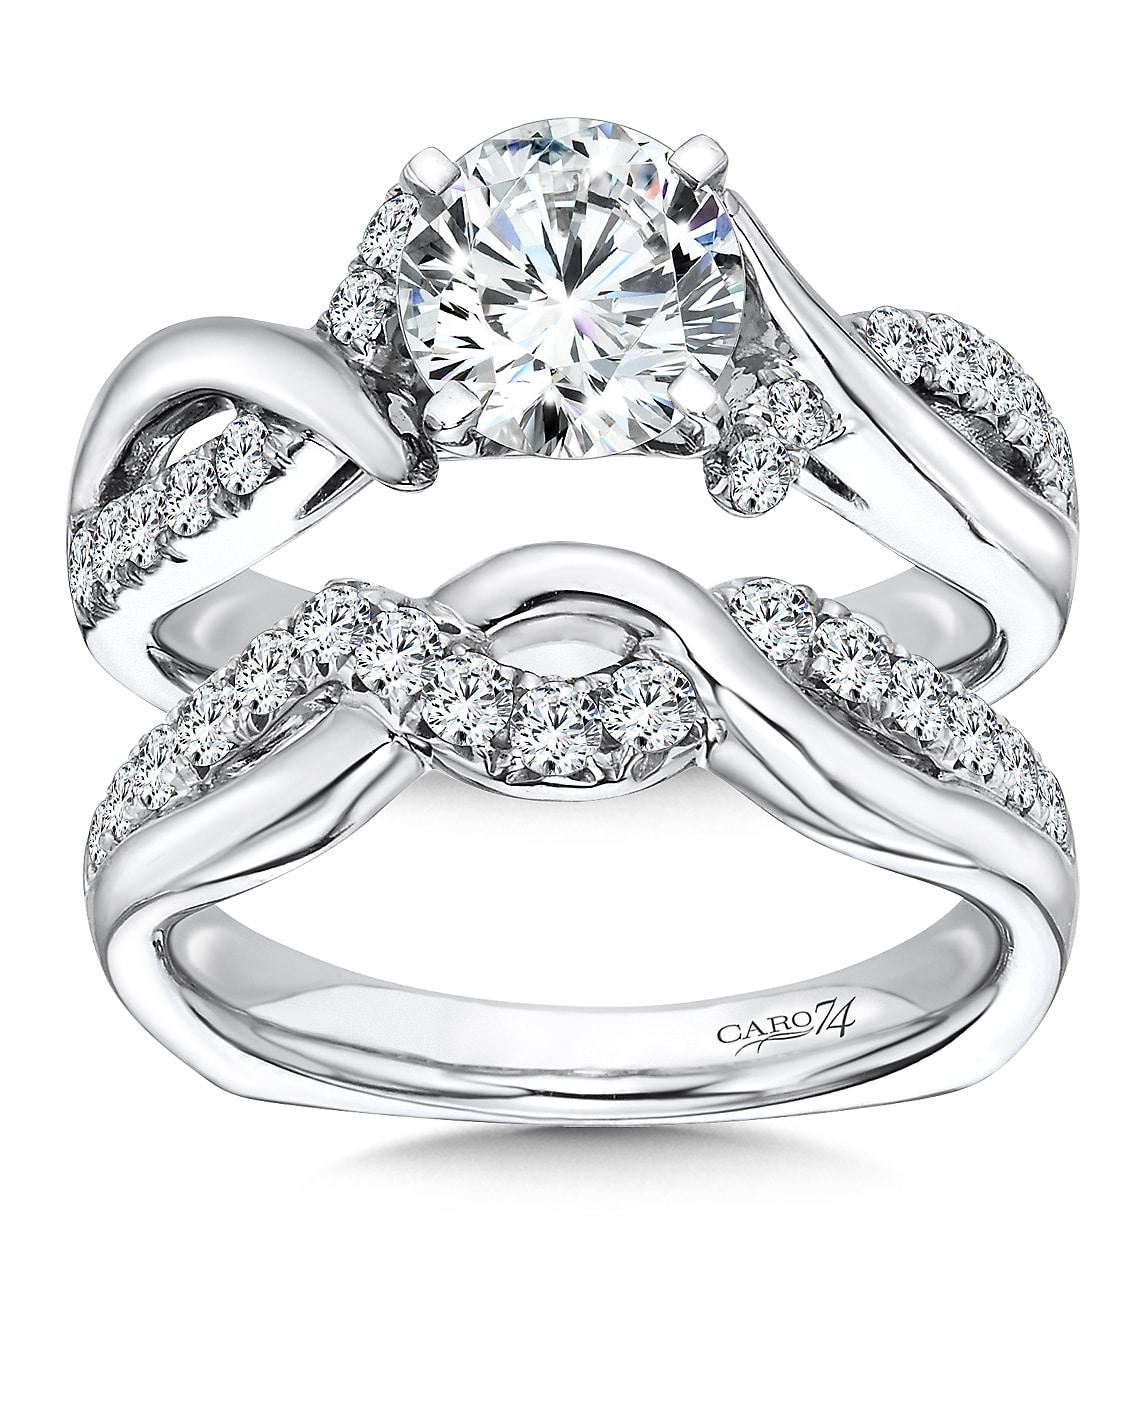 Custom Diamond Rings 1 2, Shira Diamonds